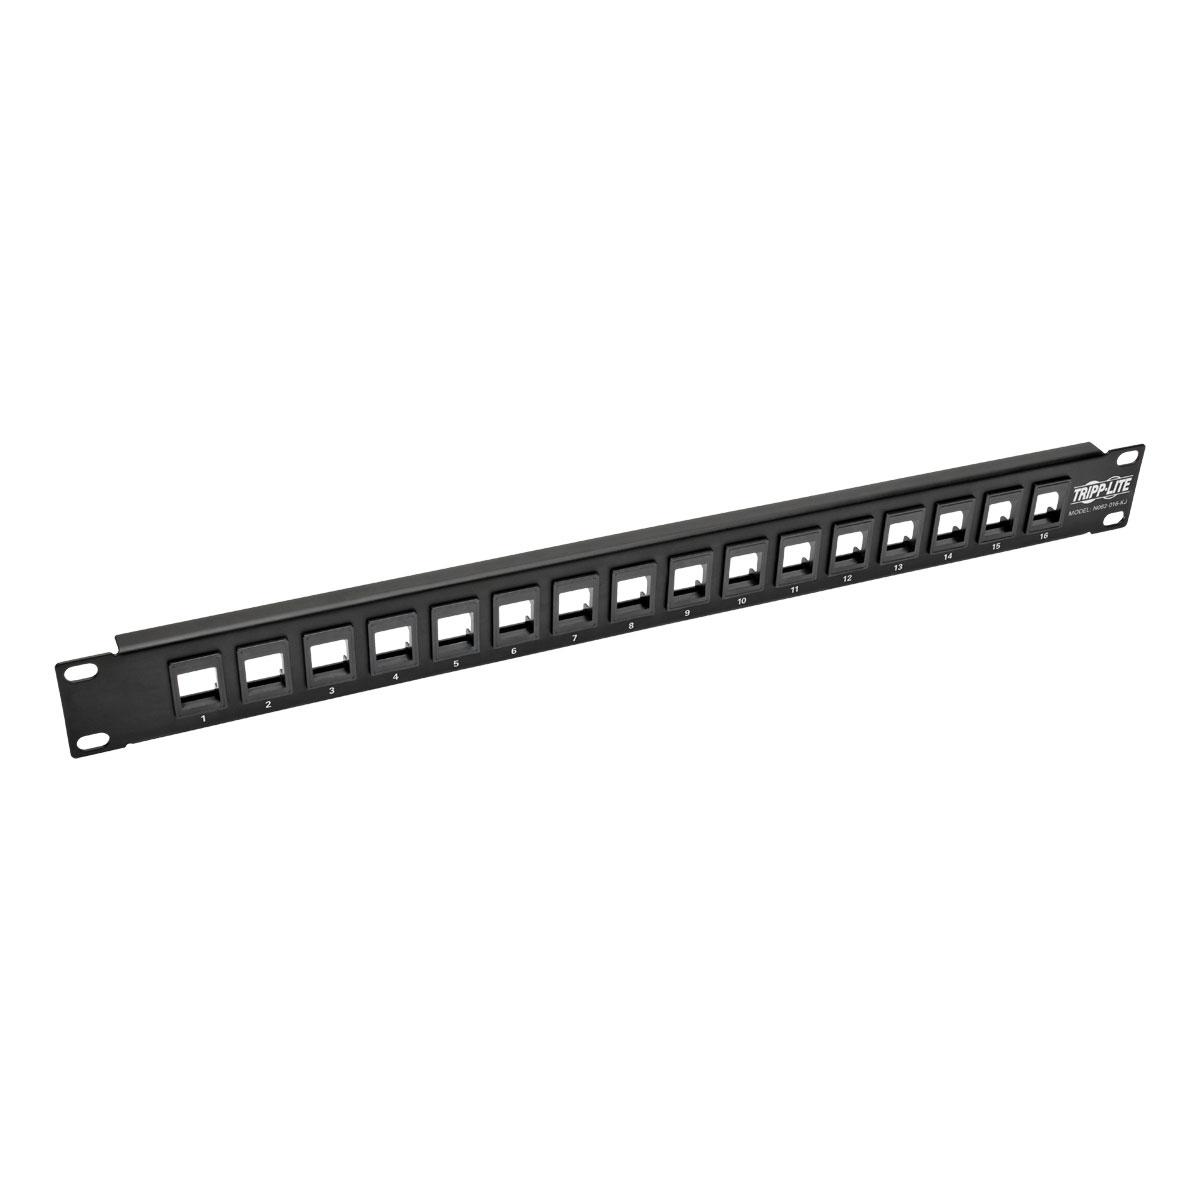 Tripp Lite N062-016-KJ 1U patch panel